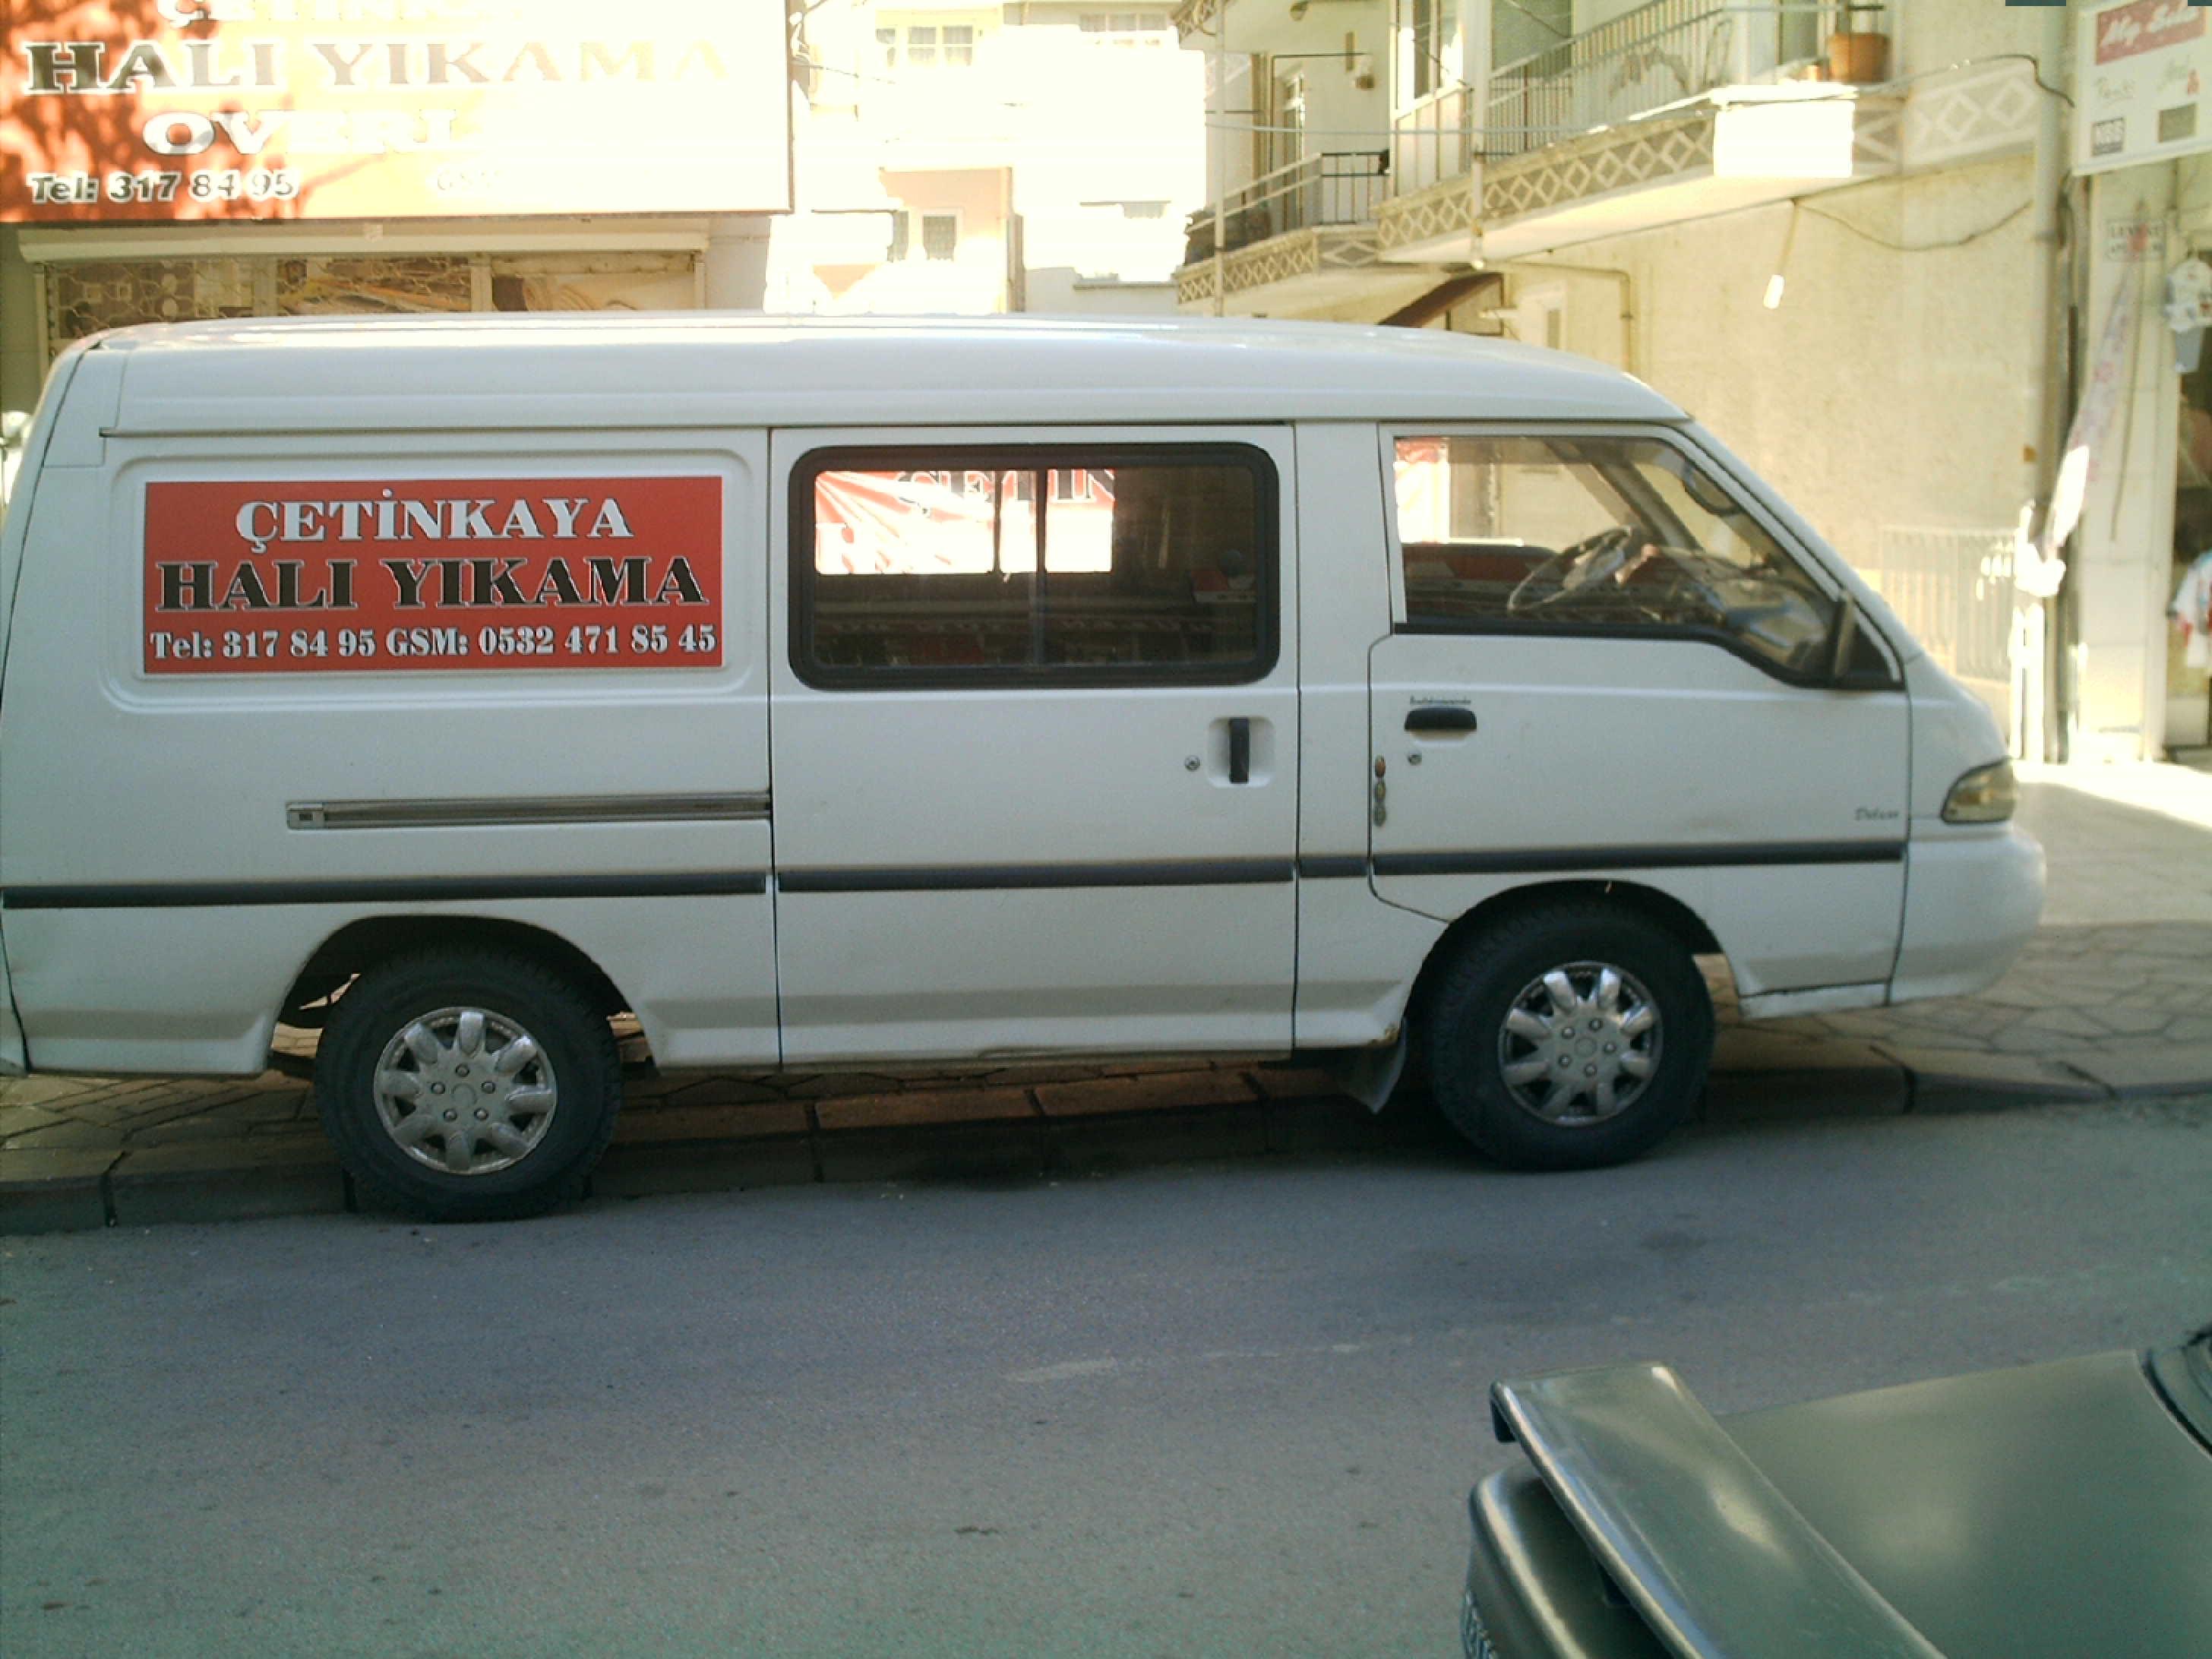 yahyalar_hali_yikama_servis_araci